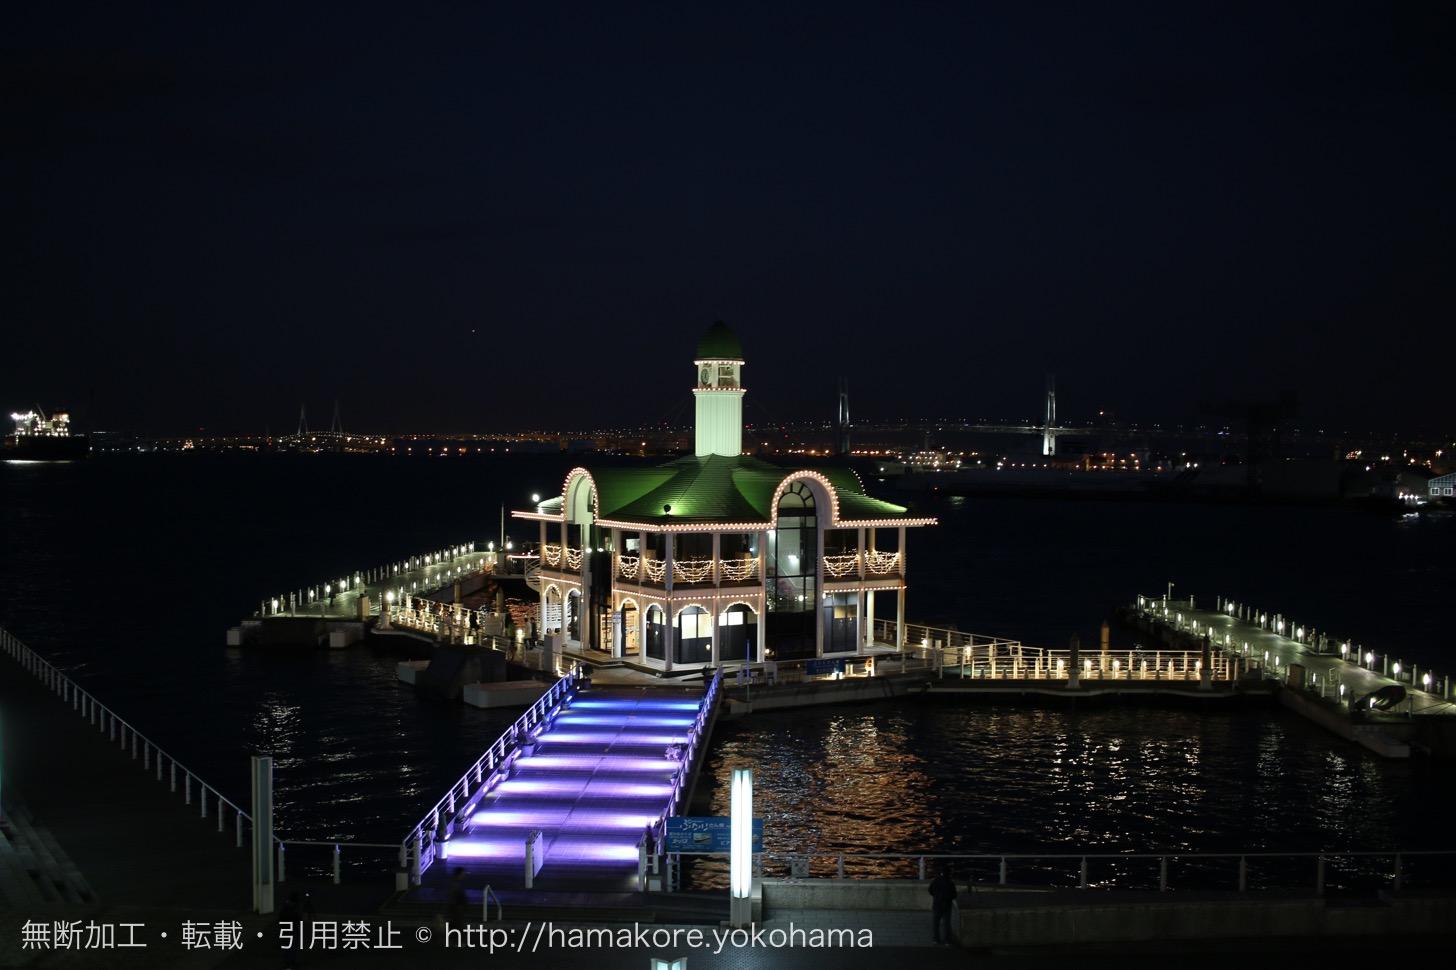 パシフィコ横浜 ウィンターイルミネーション ぷかり桟橋